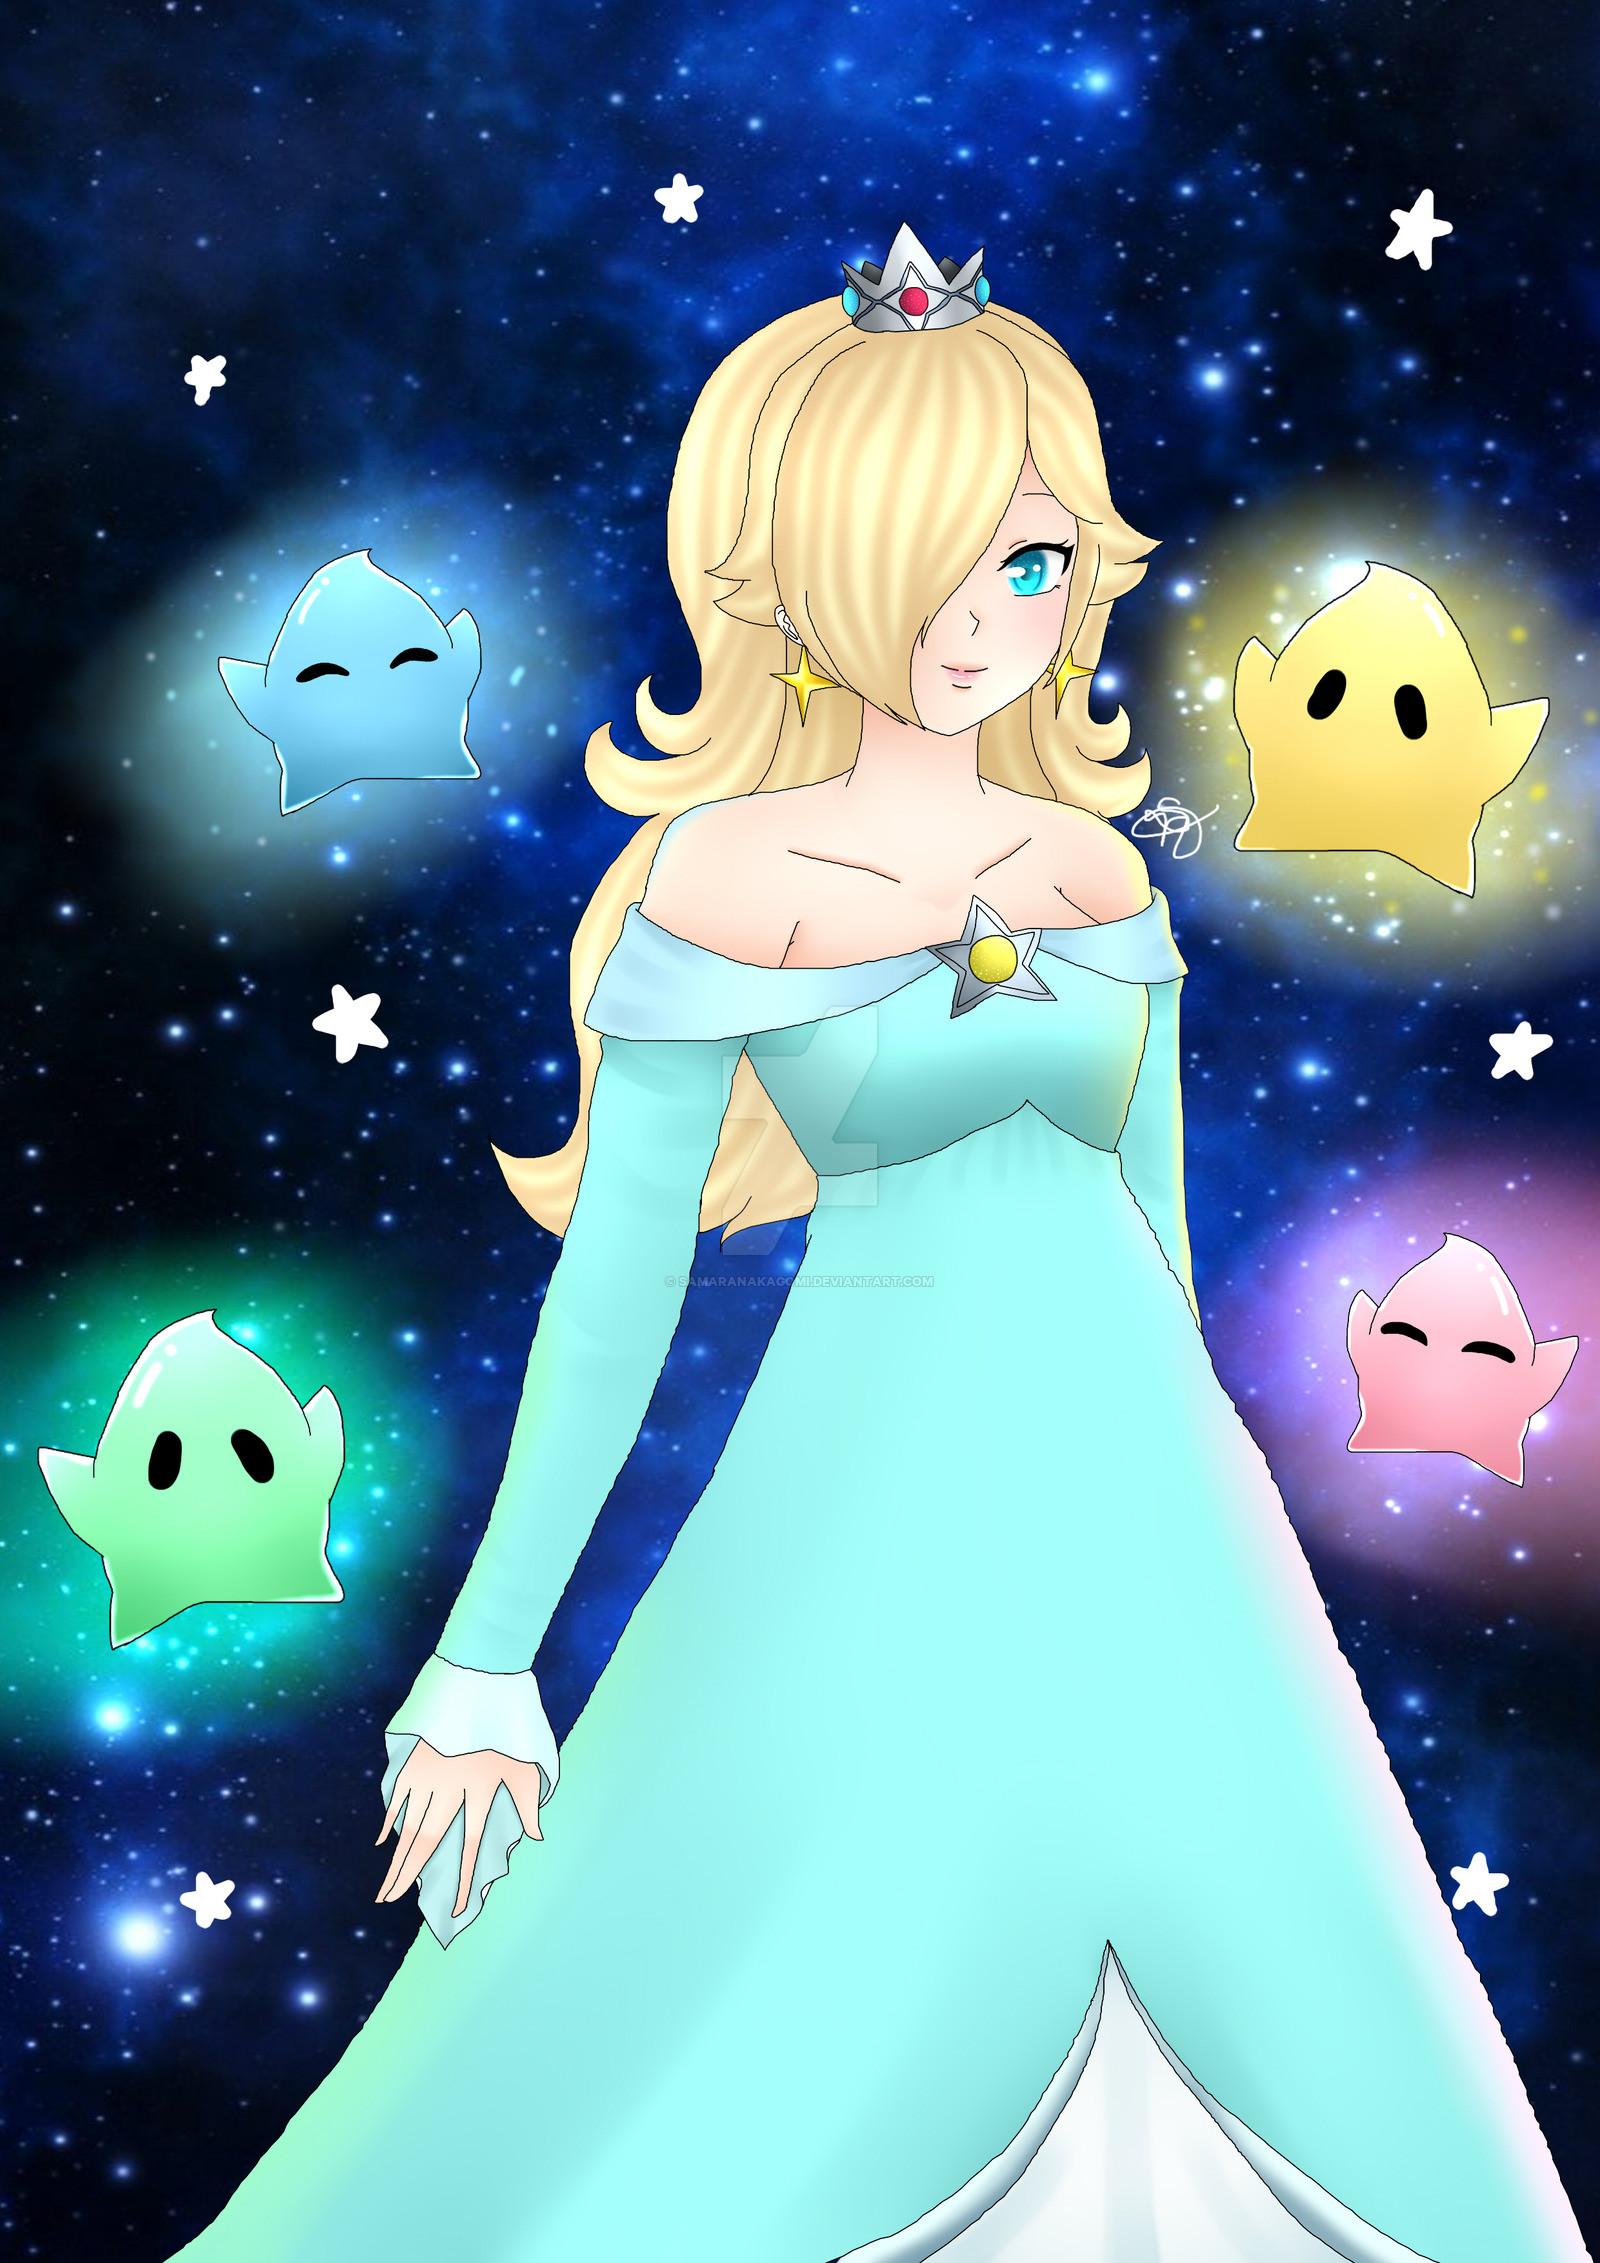 … Rosalina-Mario Galaxy fanart by SamaraNakagomi